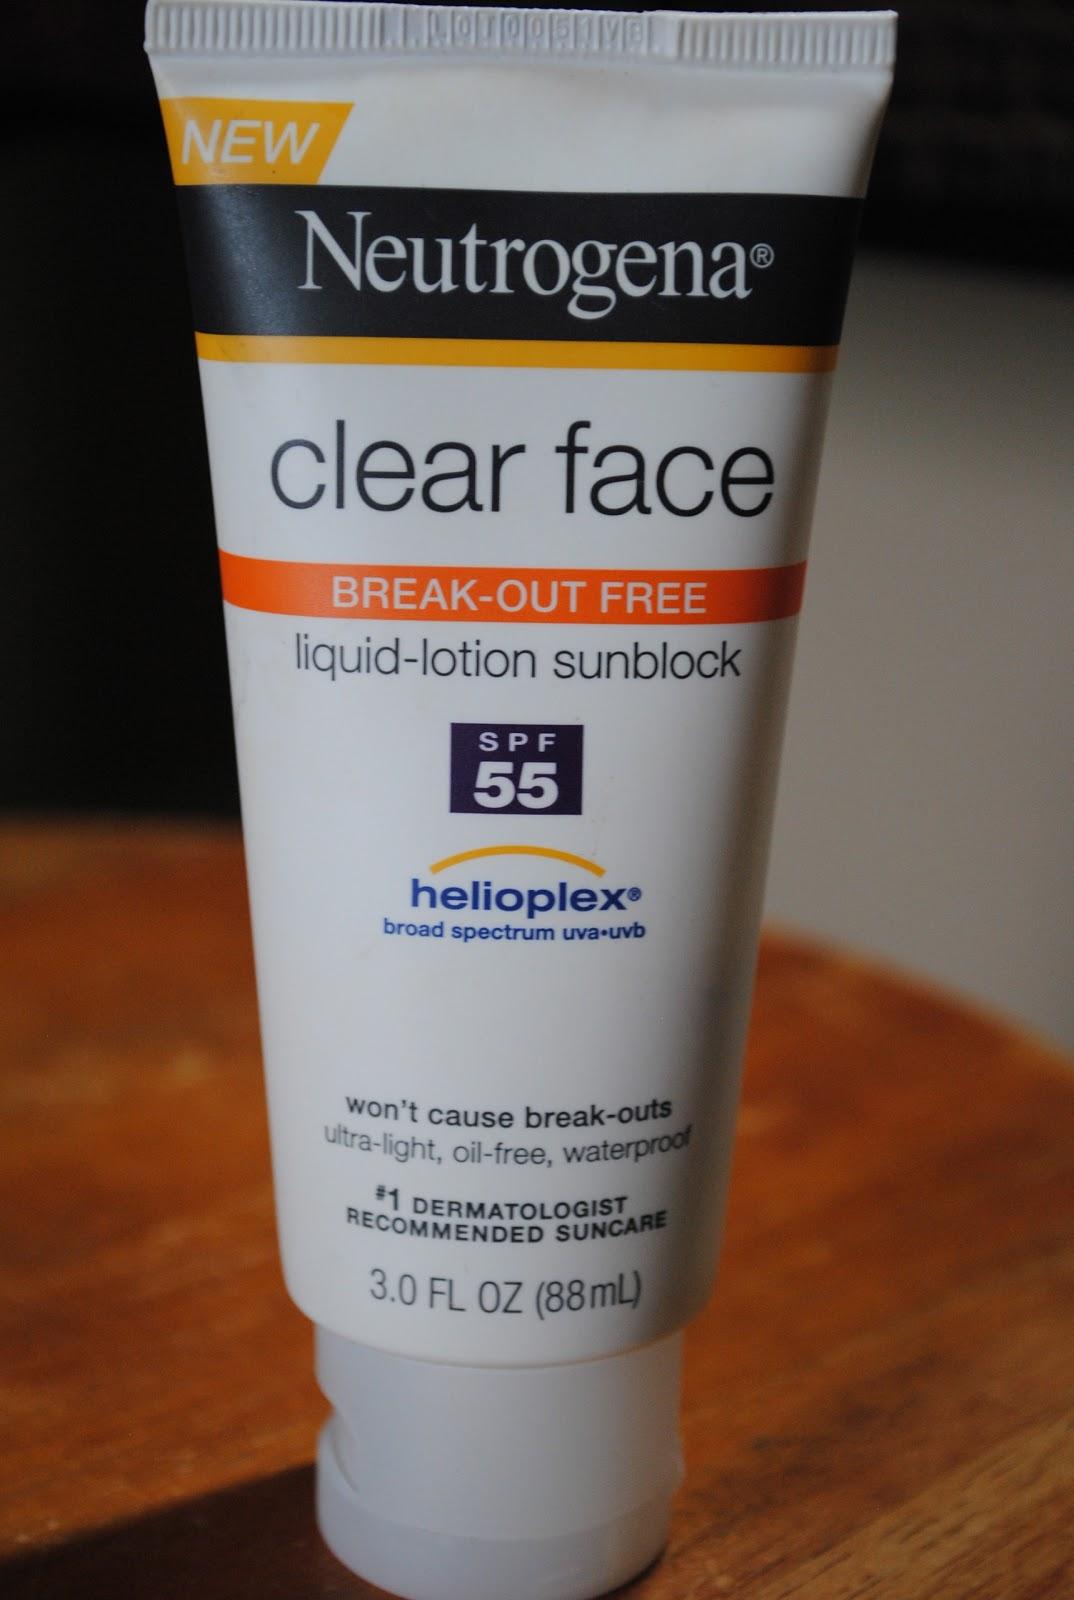 neutrogena clear face sunblock